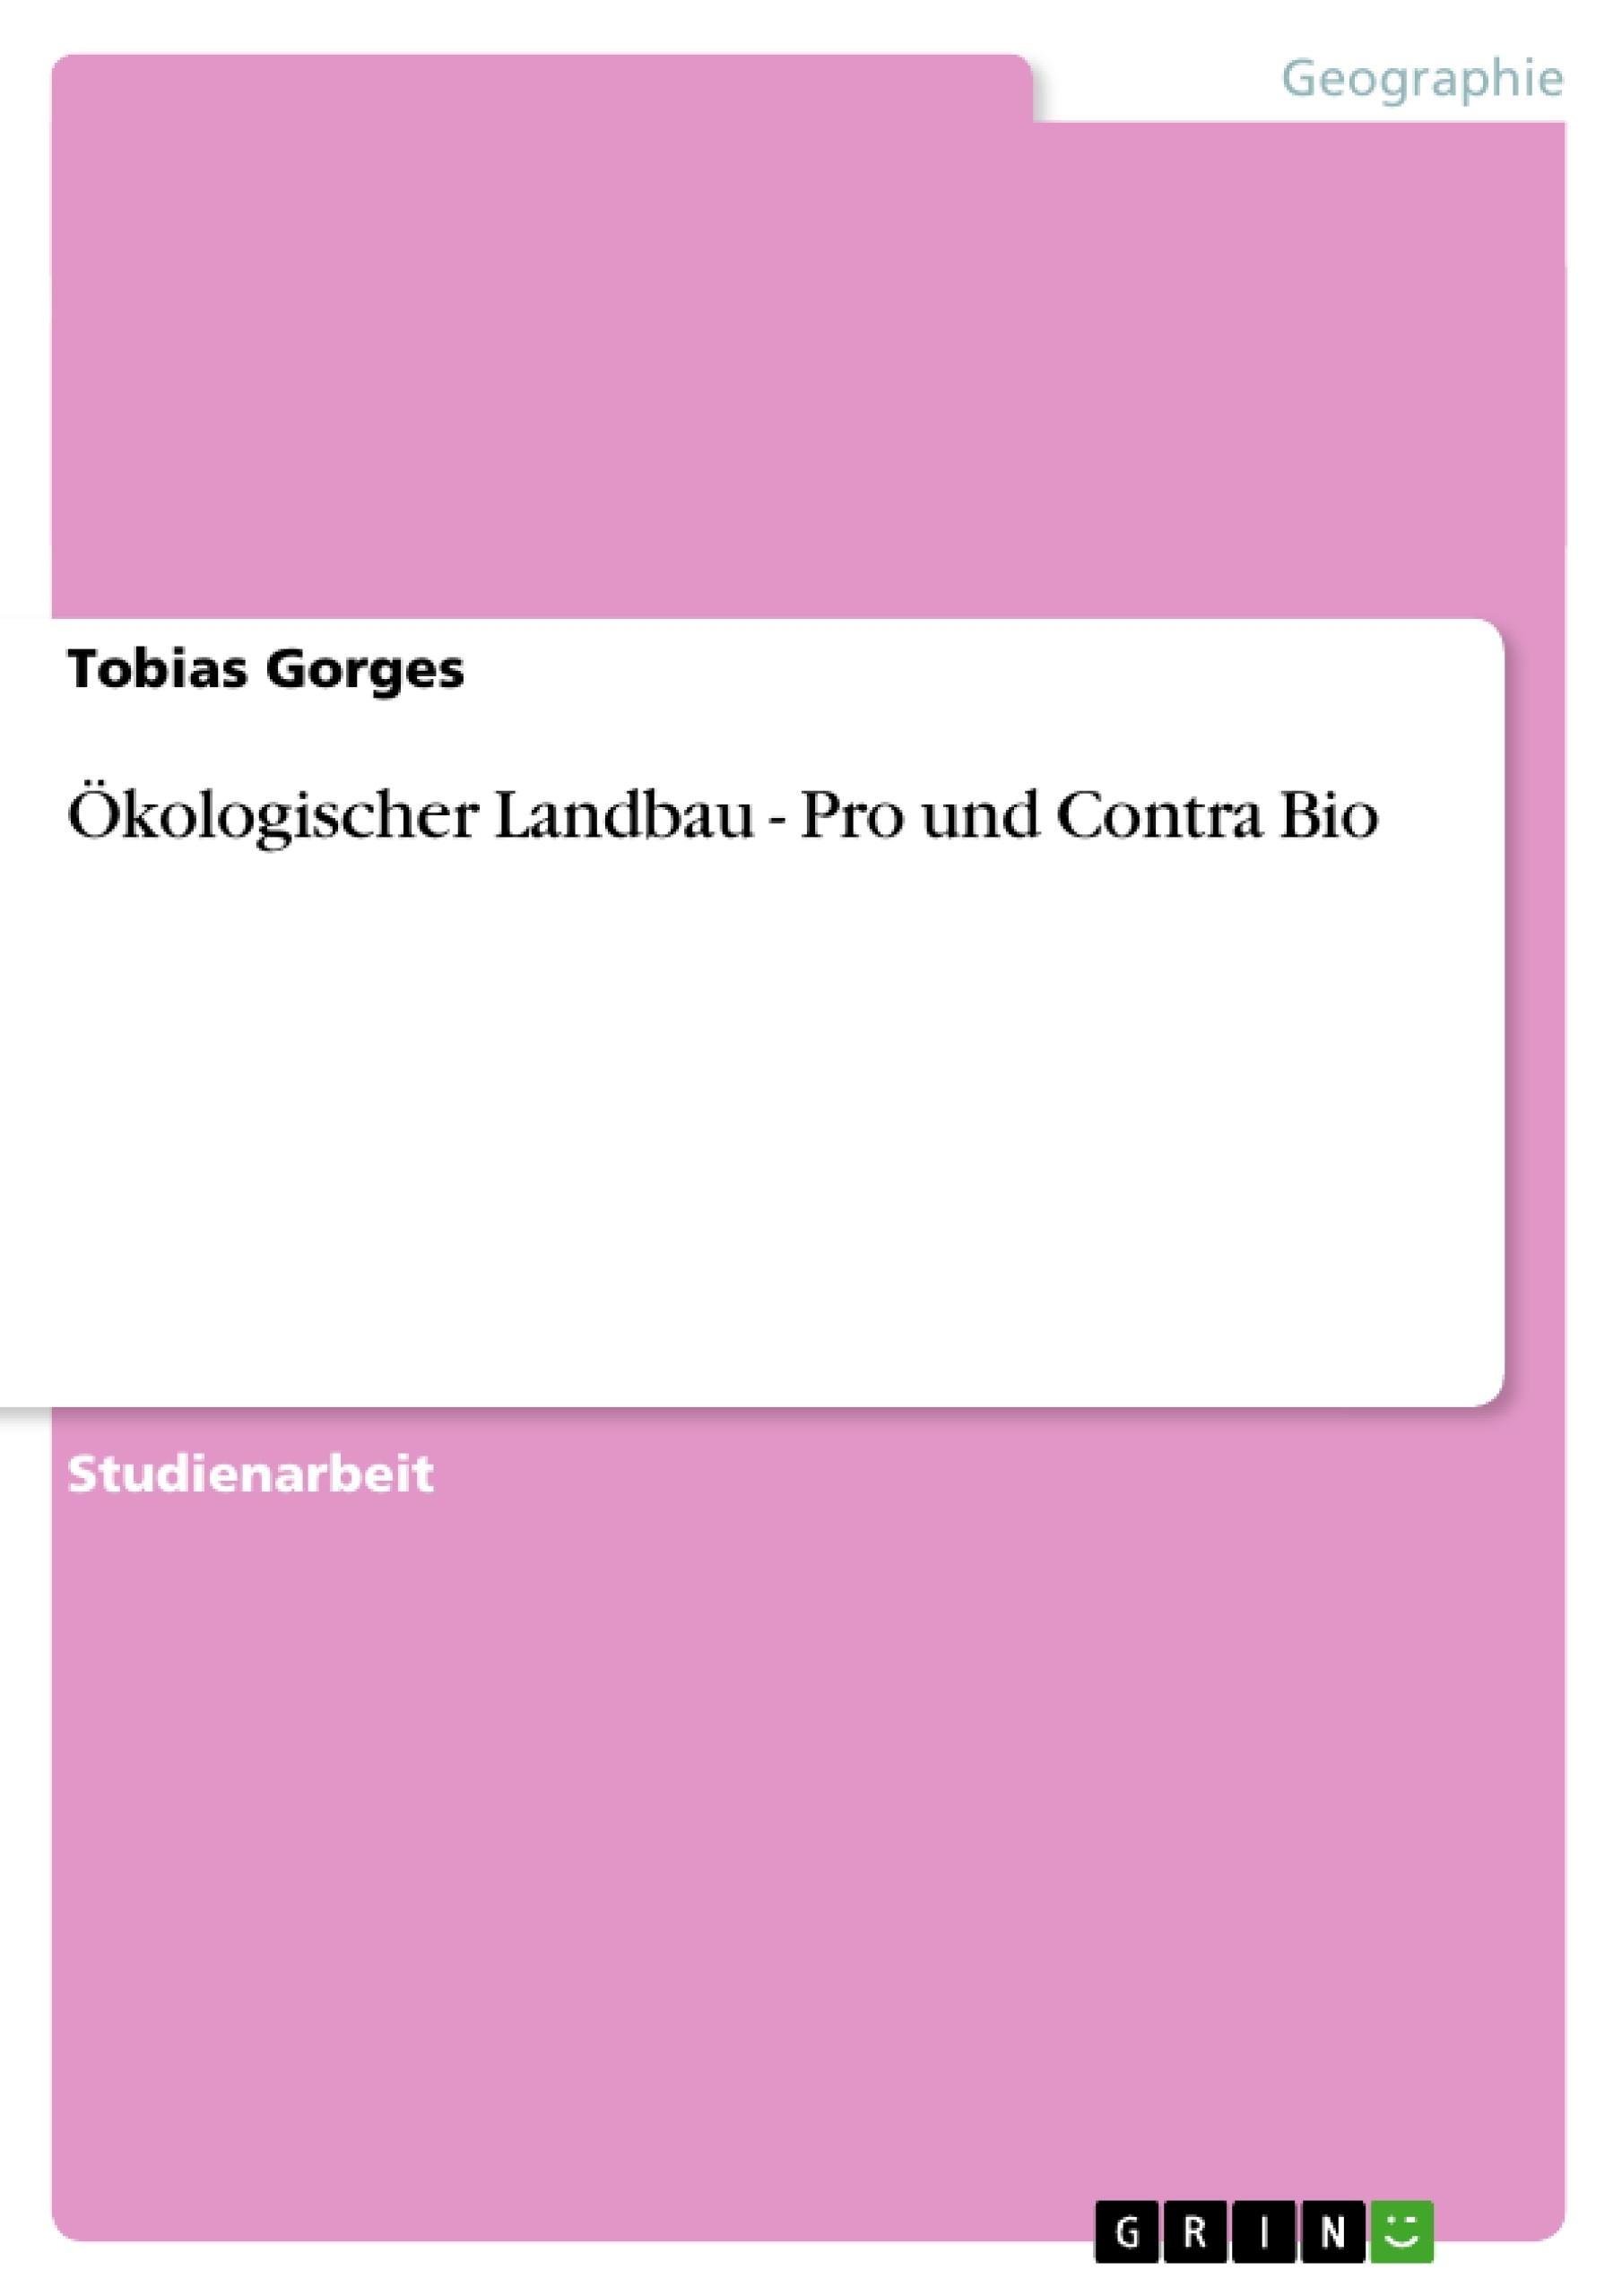 Titel: Ökologischer Landbau - Pro und Contra Bio